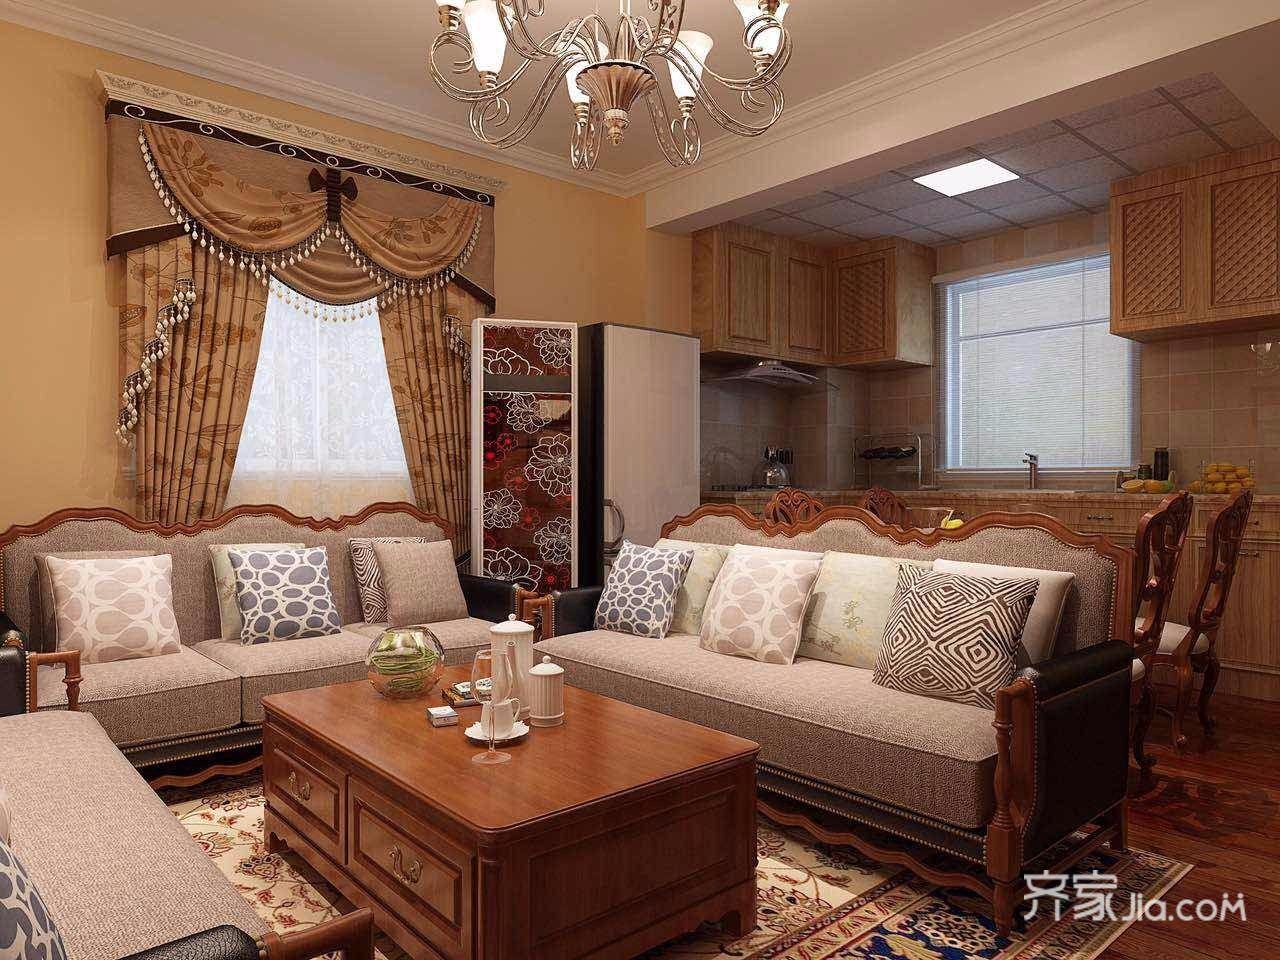 95㎡混搭风格三居客厅装修效果图